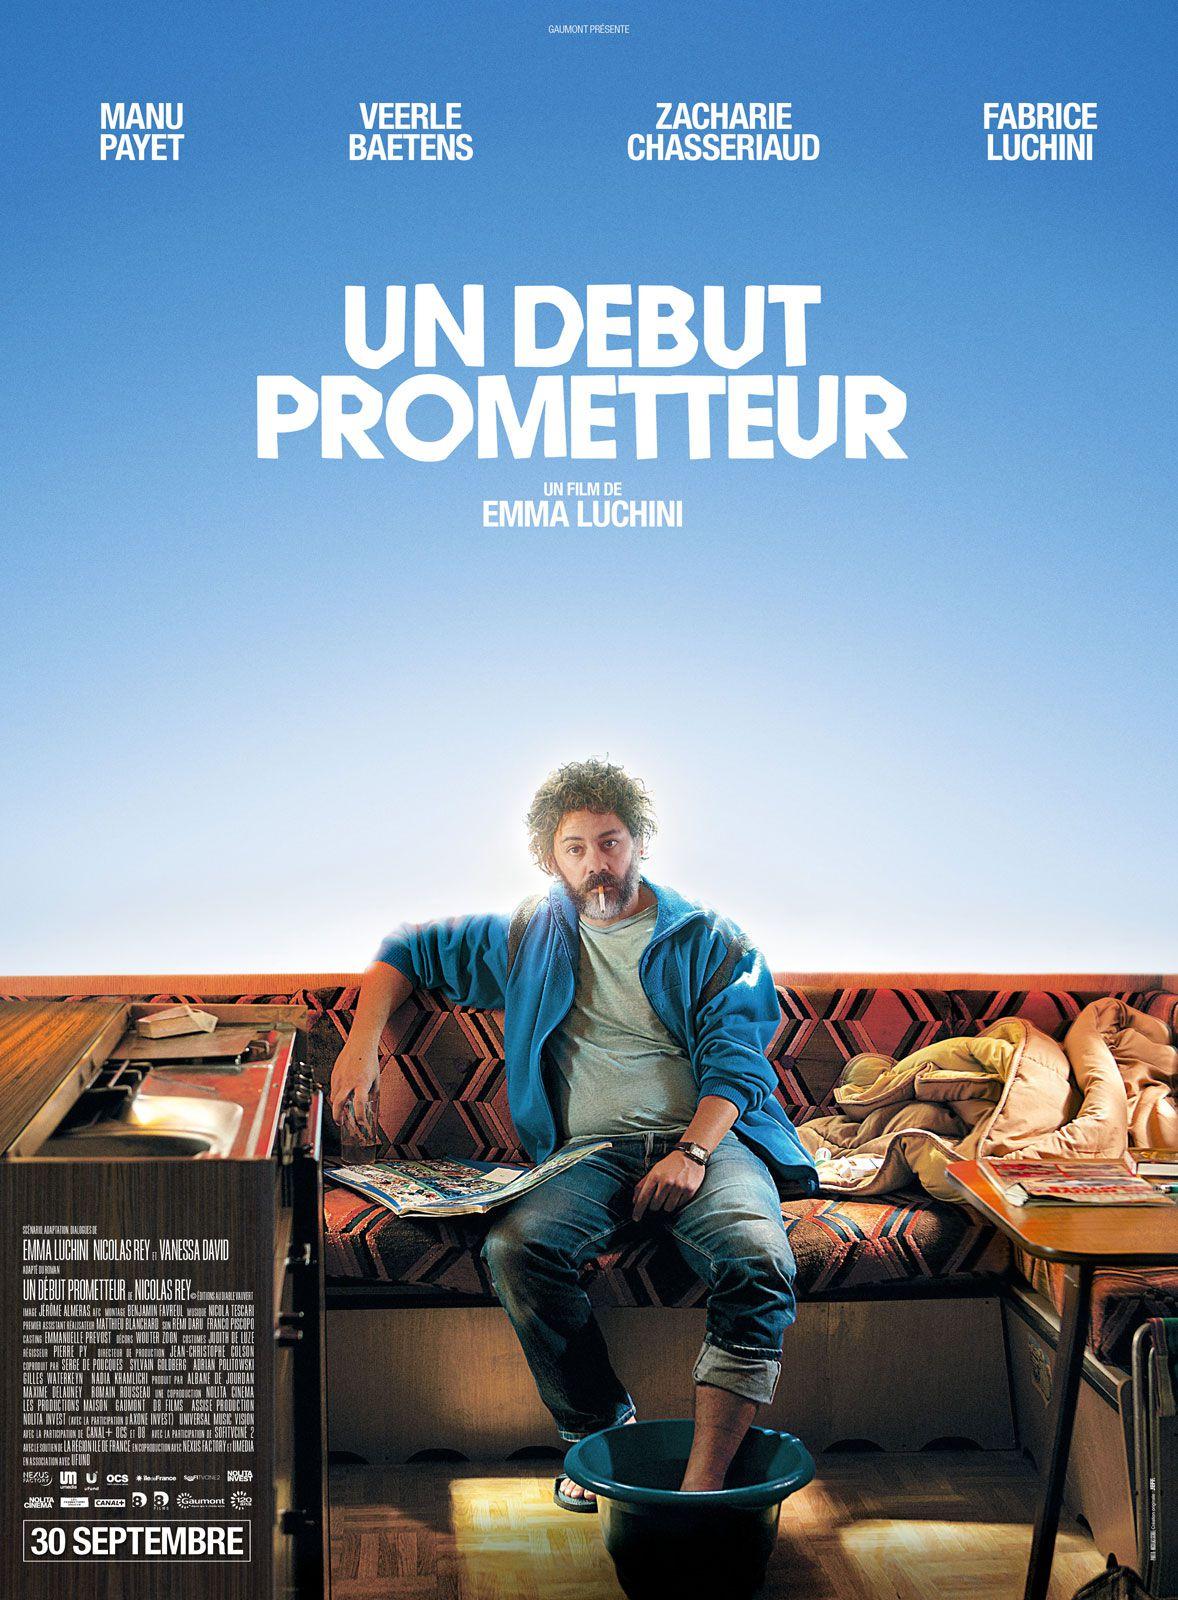 Un début prometteur - Film (2015)